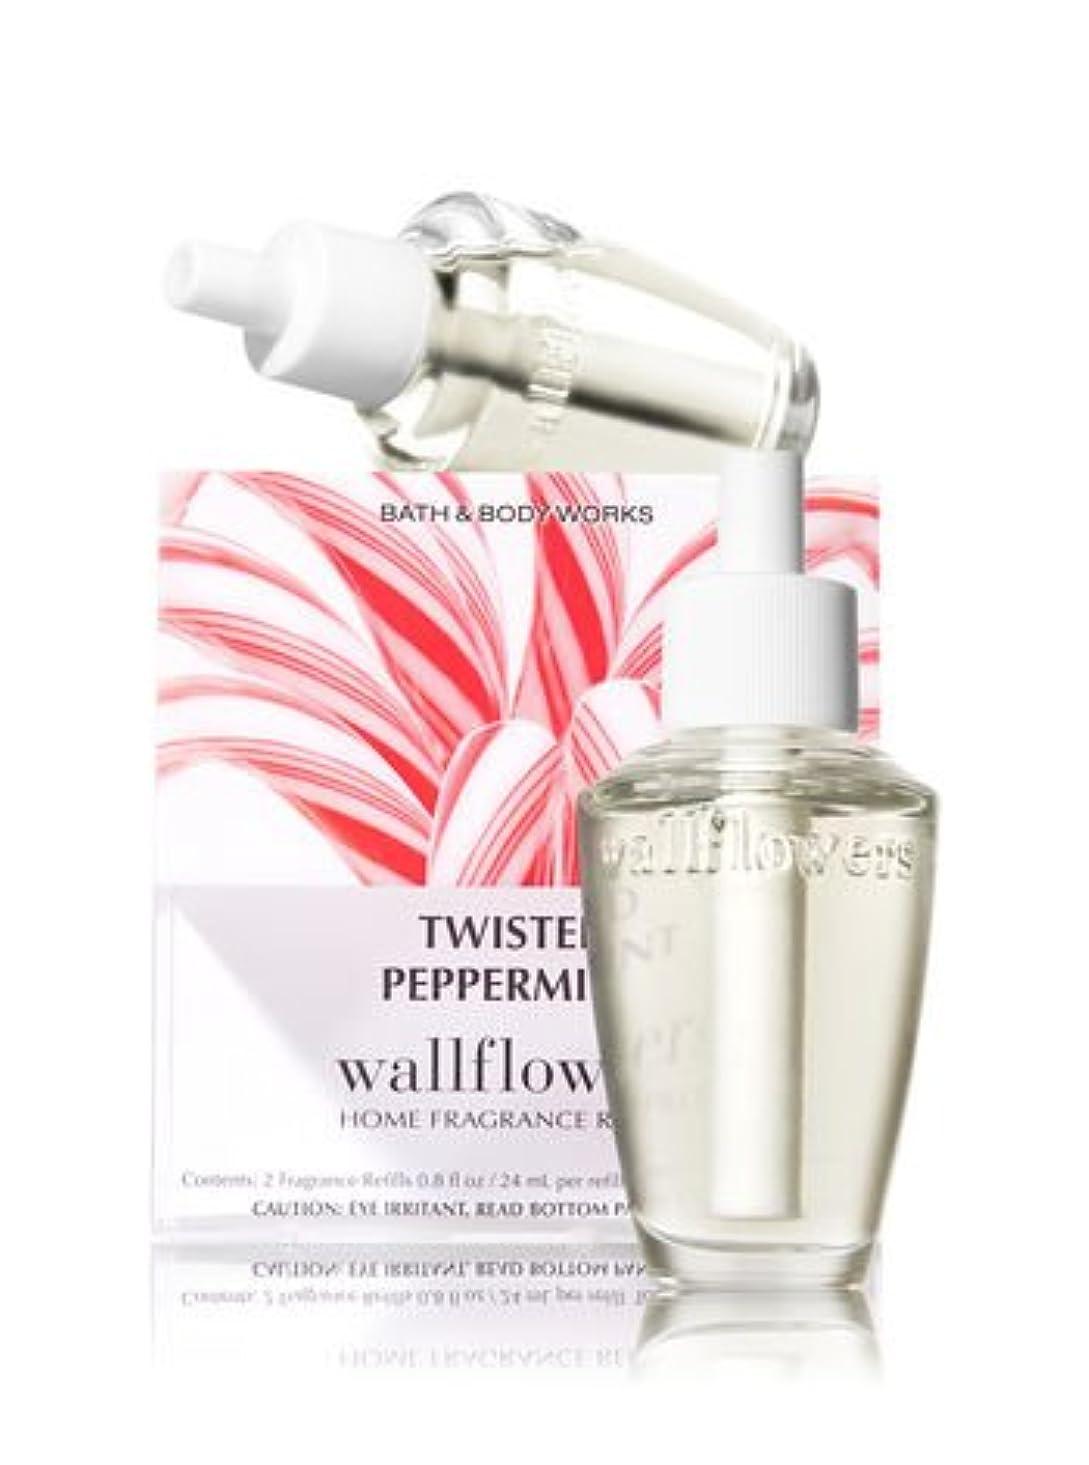 平和失望させる味わう【Bath&Body Works/バス&ボディワークス】 ルームフレグランス 詰替えリフィル(2個入り) ツイステッドペパーミント Wallflowers Home Fragrance 2-Pack Refills Twisted Peppermint [並行輸入品]